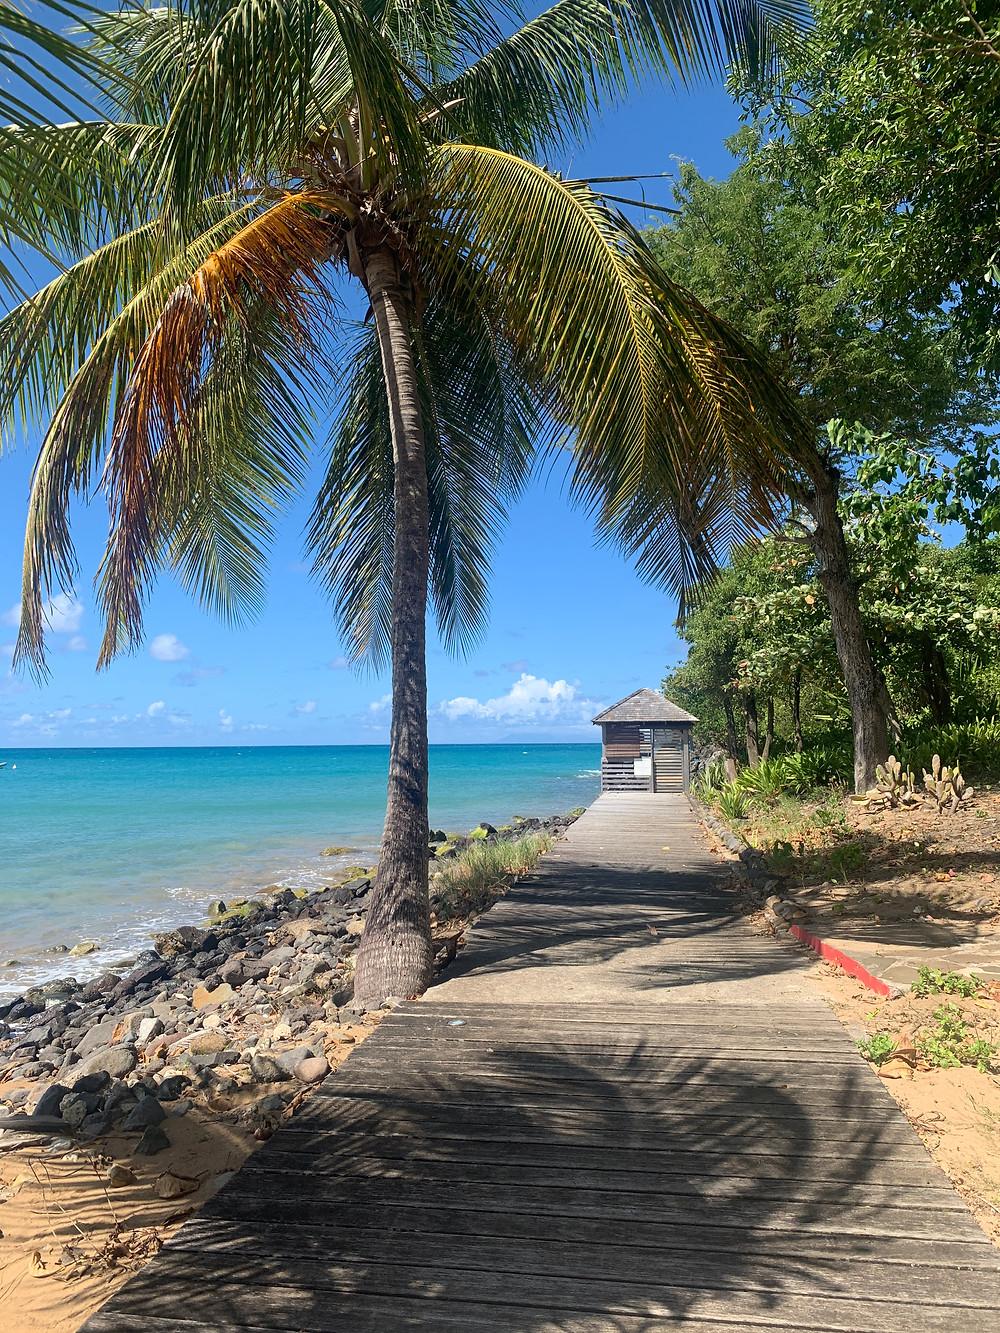 Du bestiller tur til Guadeloupe via Langley